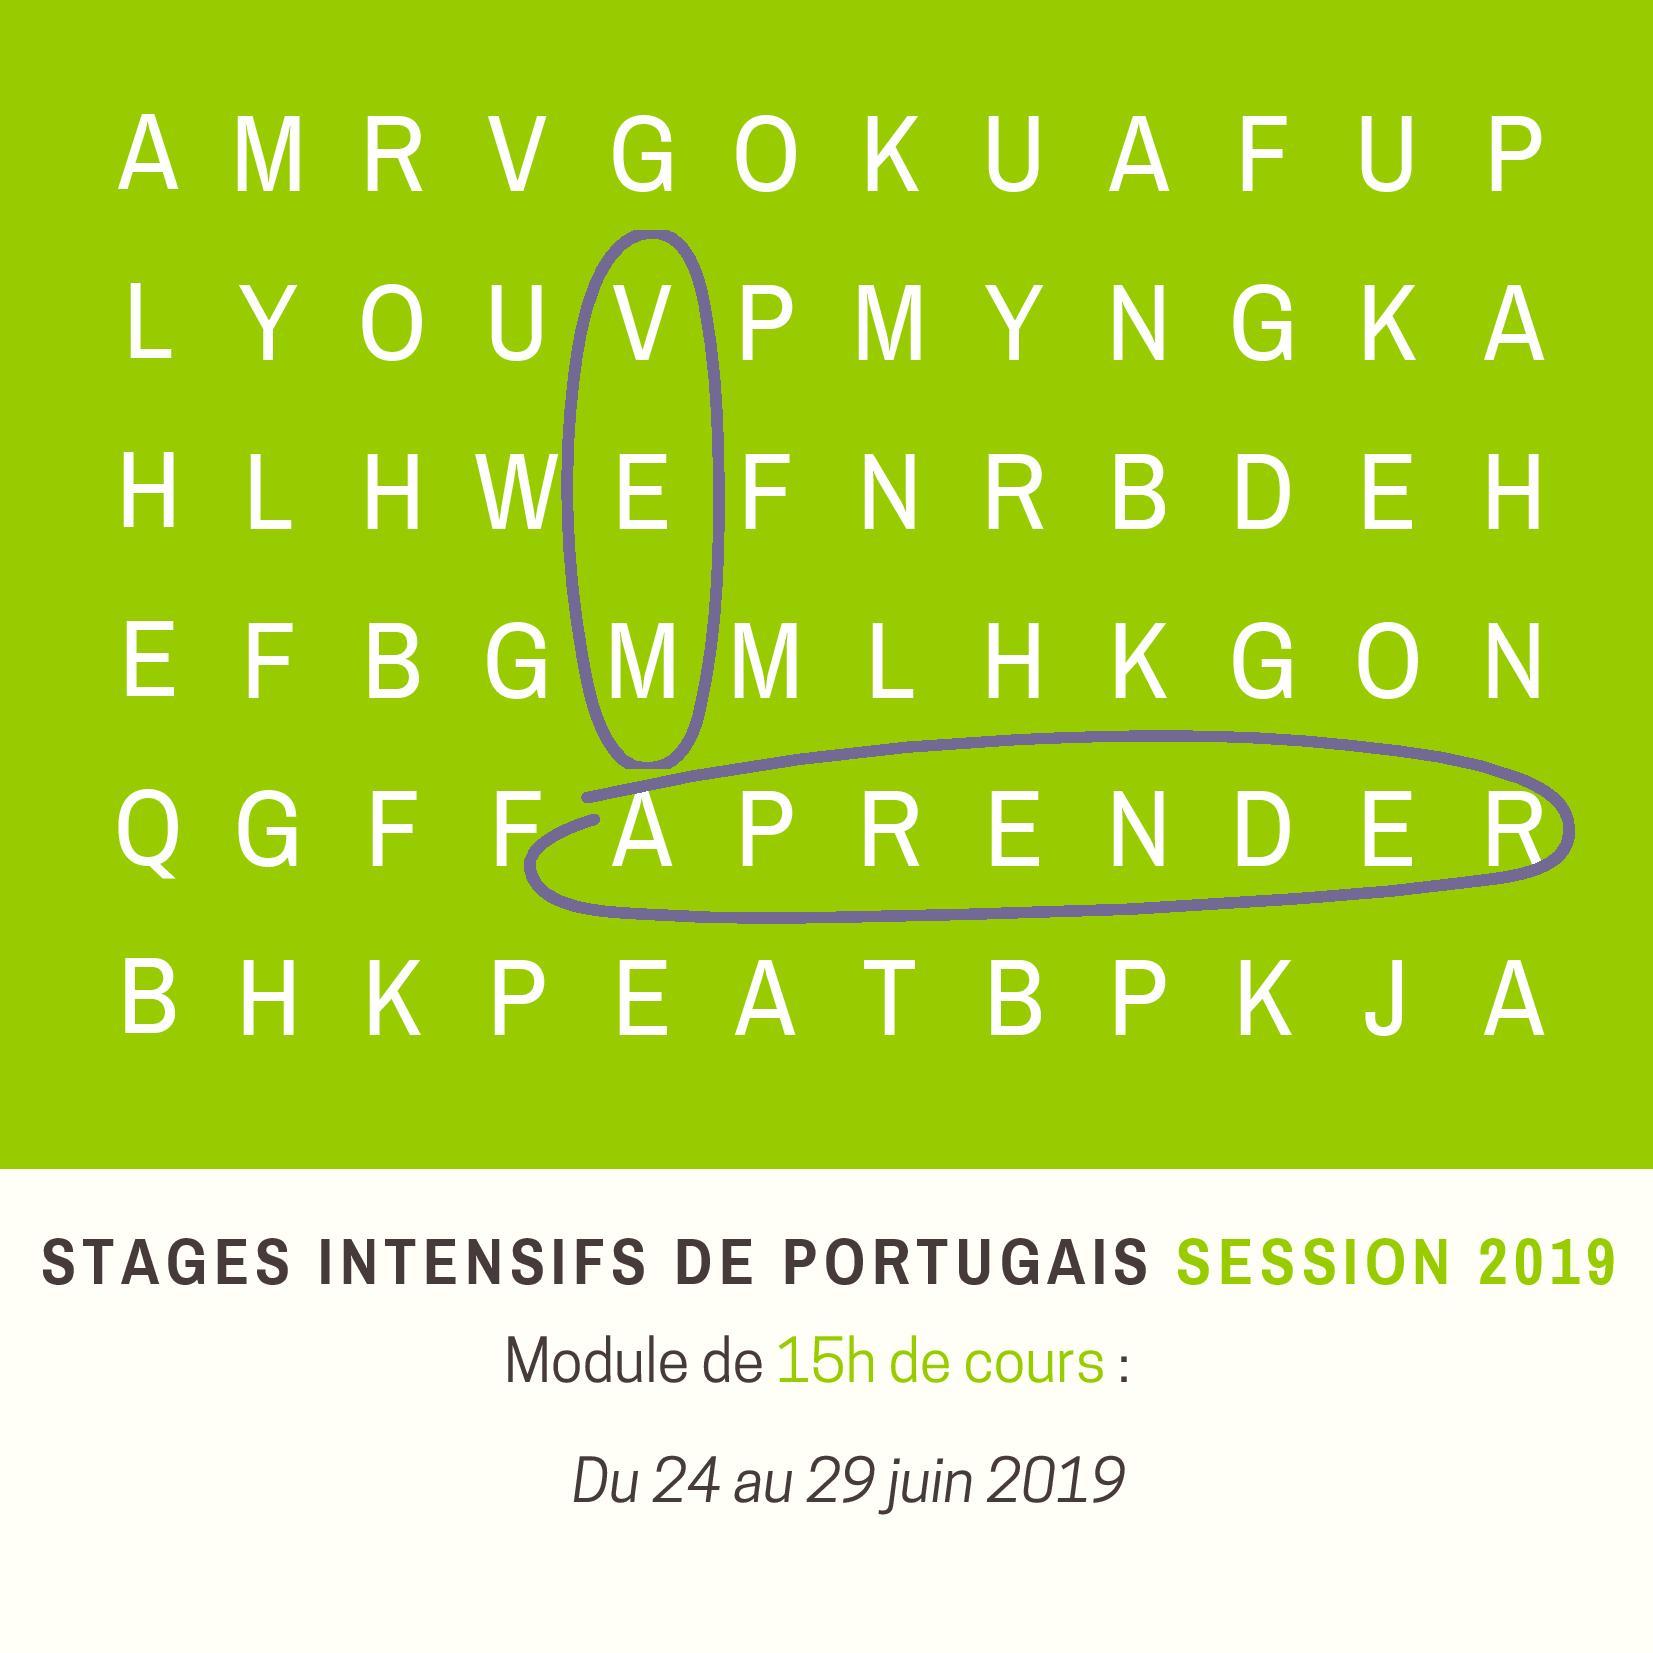 Stage intensif portugais lyon